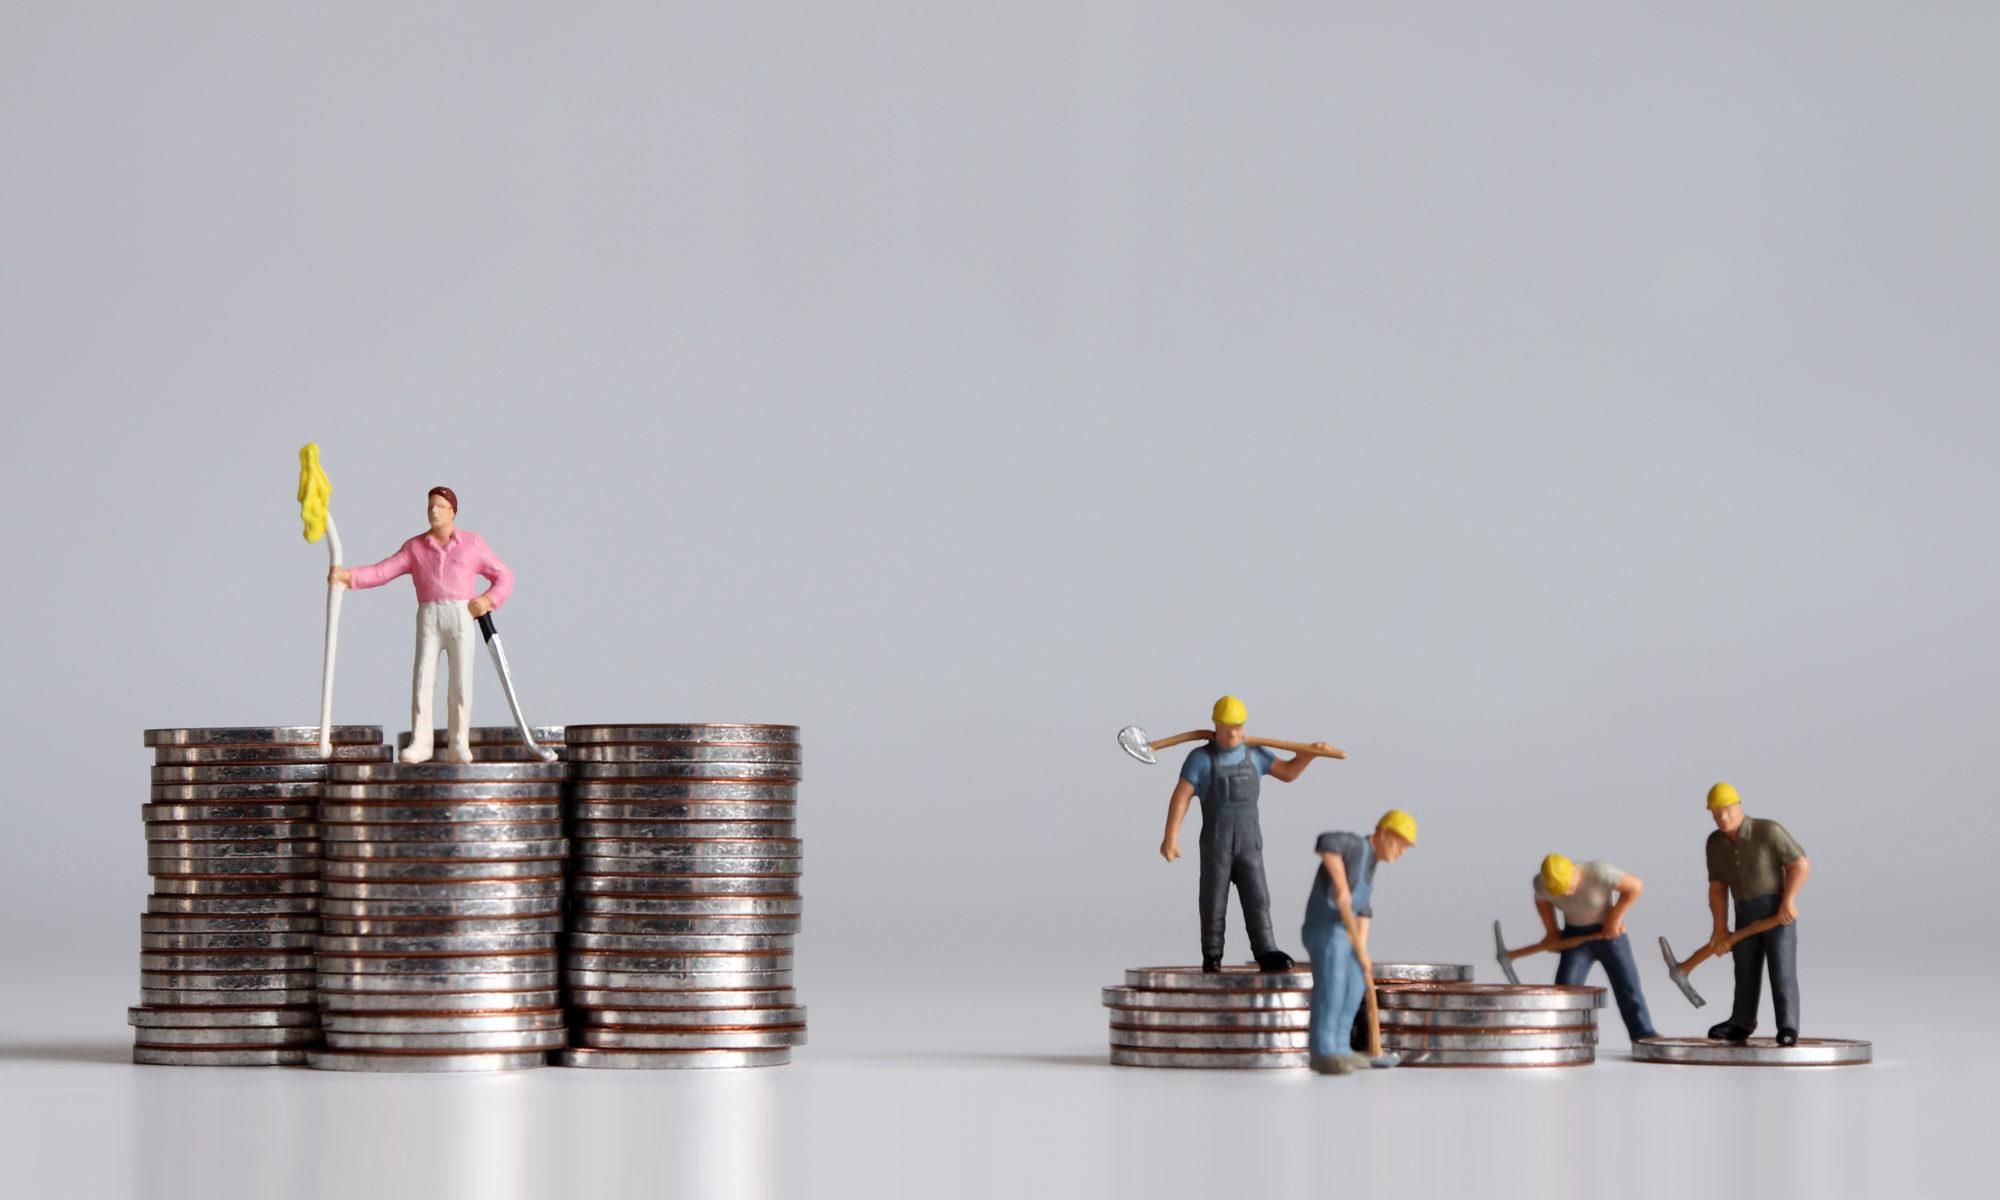 AdobeStock 259268765 2000x1200 - Nicht nur Einkommen entscheidet über gesellschaftliche Ungleichheit